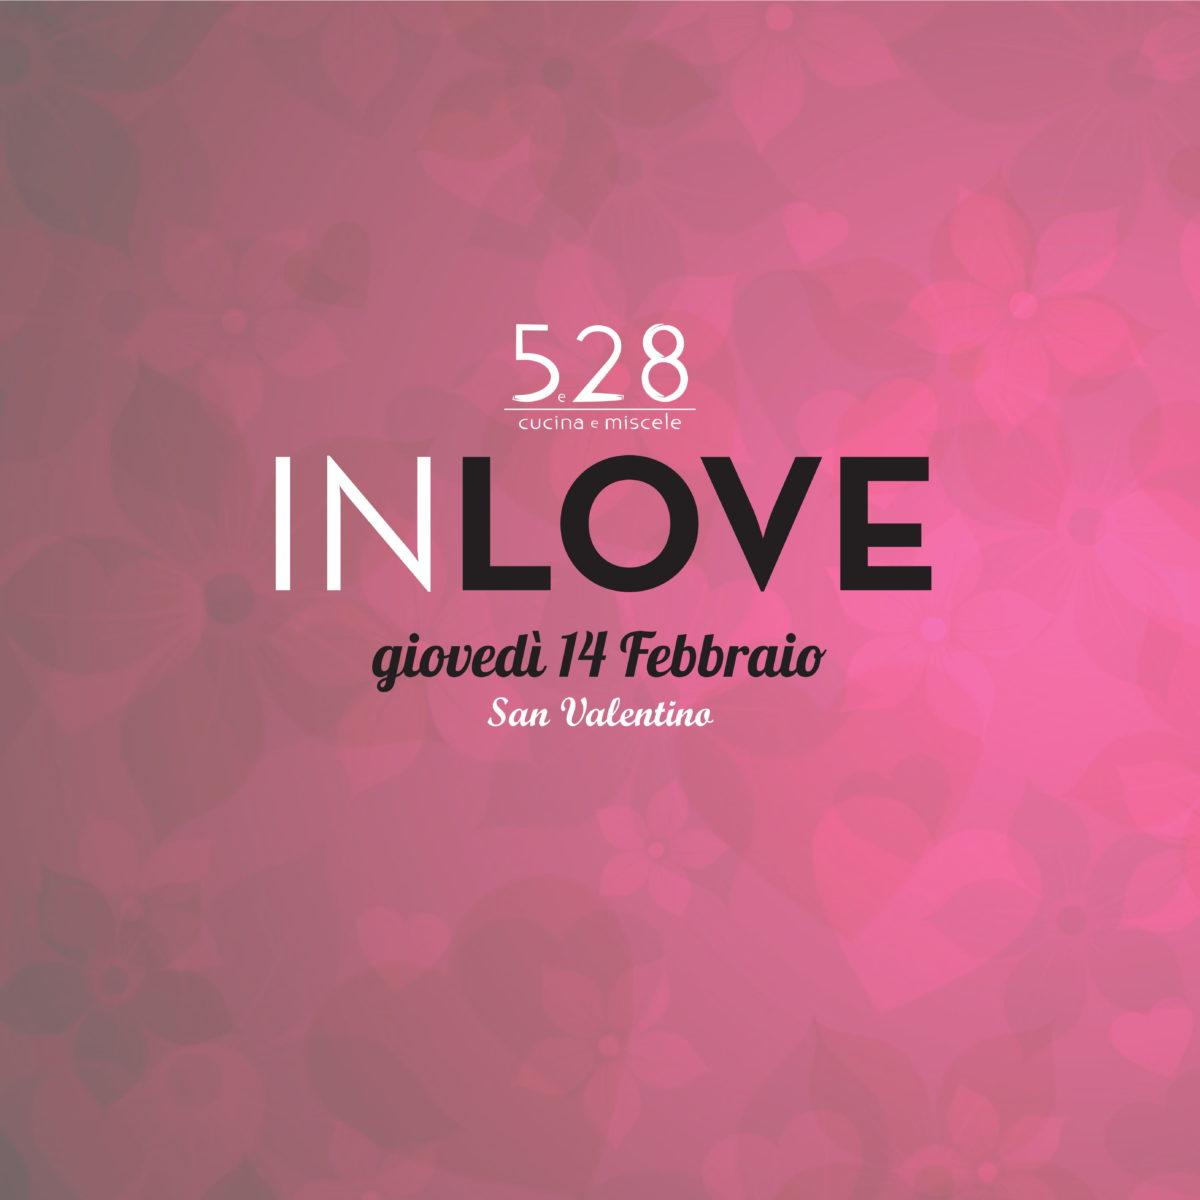 5e28 – In Love